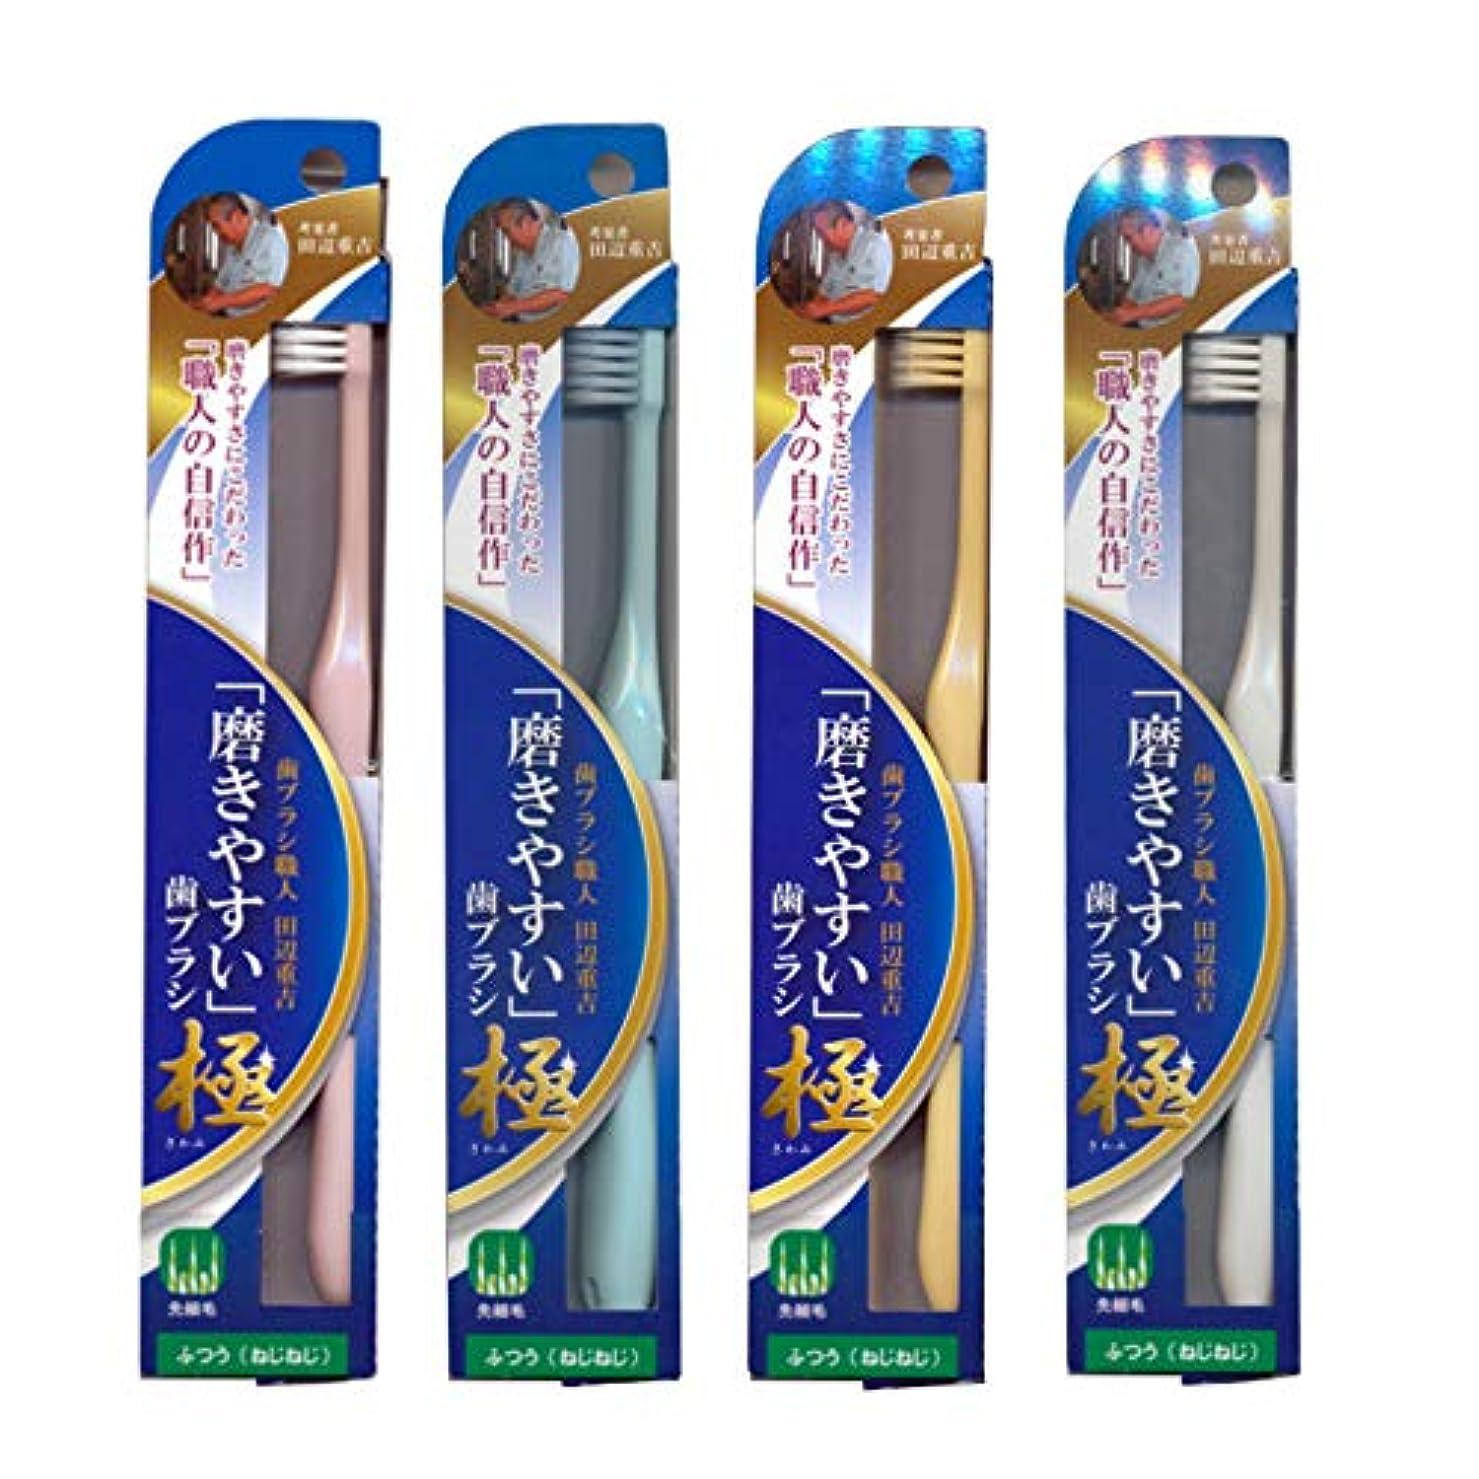 住居ジョセフバンクス端末磨きやすい歯ブラシ極 (ふつう ねじねじ) LT-45×4本セット(ピンク×1、ブルー×1、ホワイト×1、イエロー×1) 先細毛